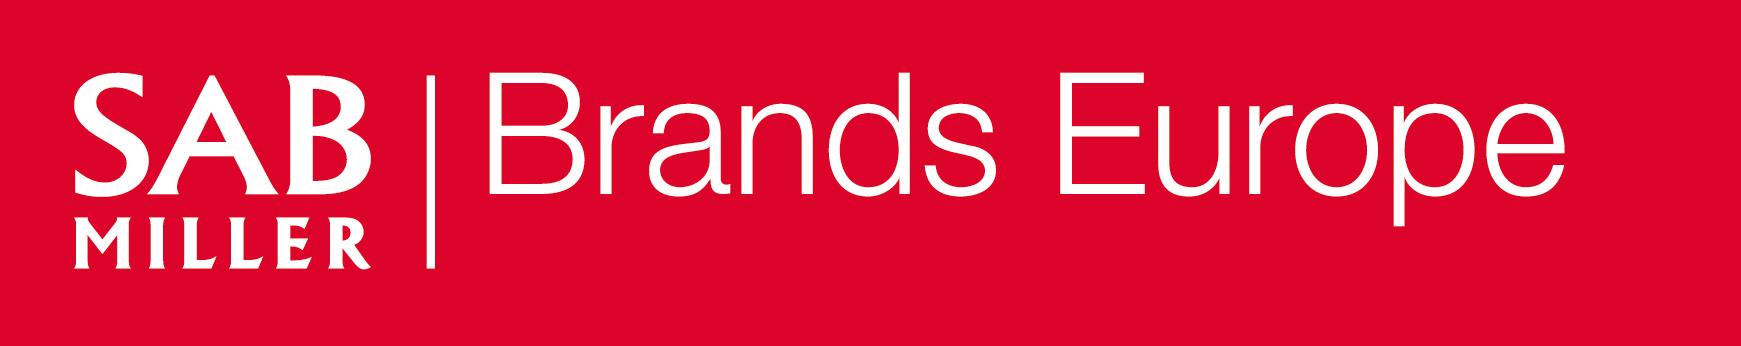 sabmiller brands europe españa